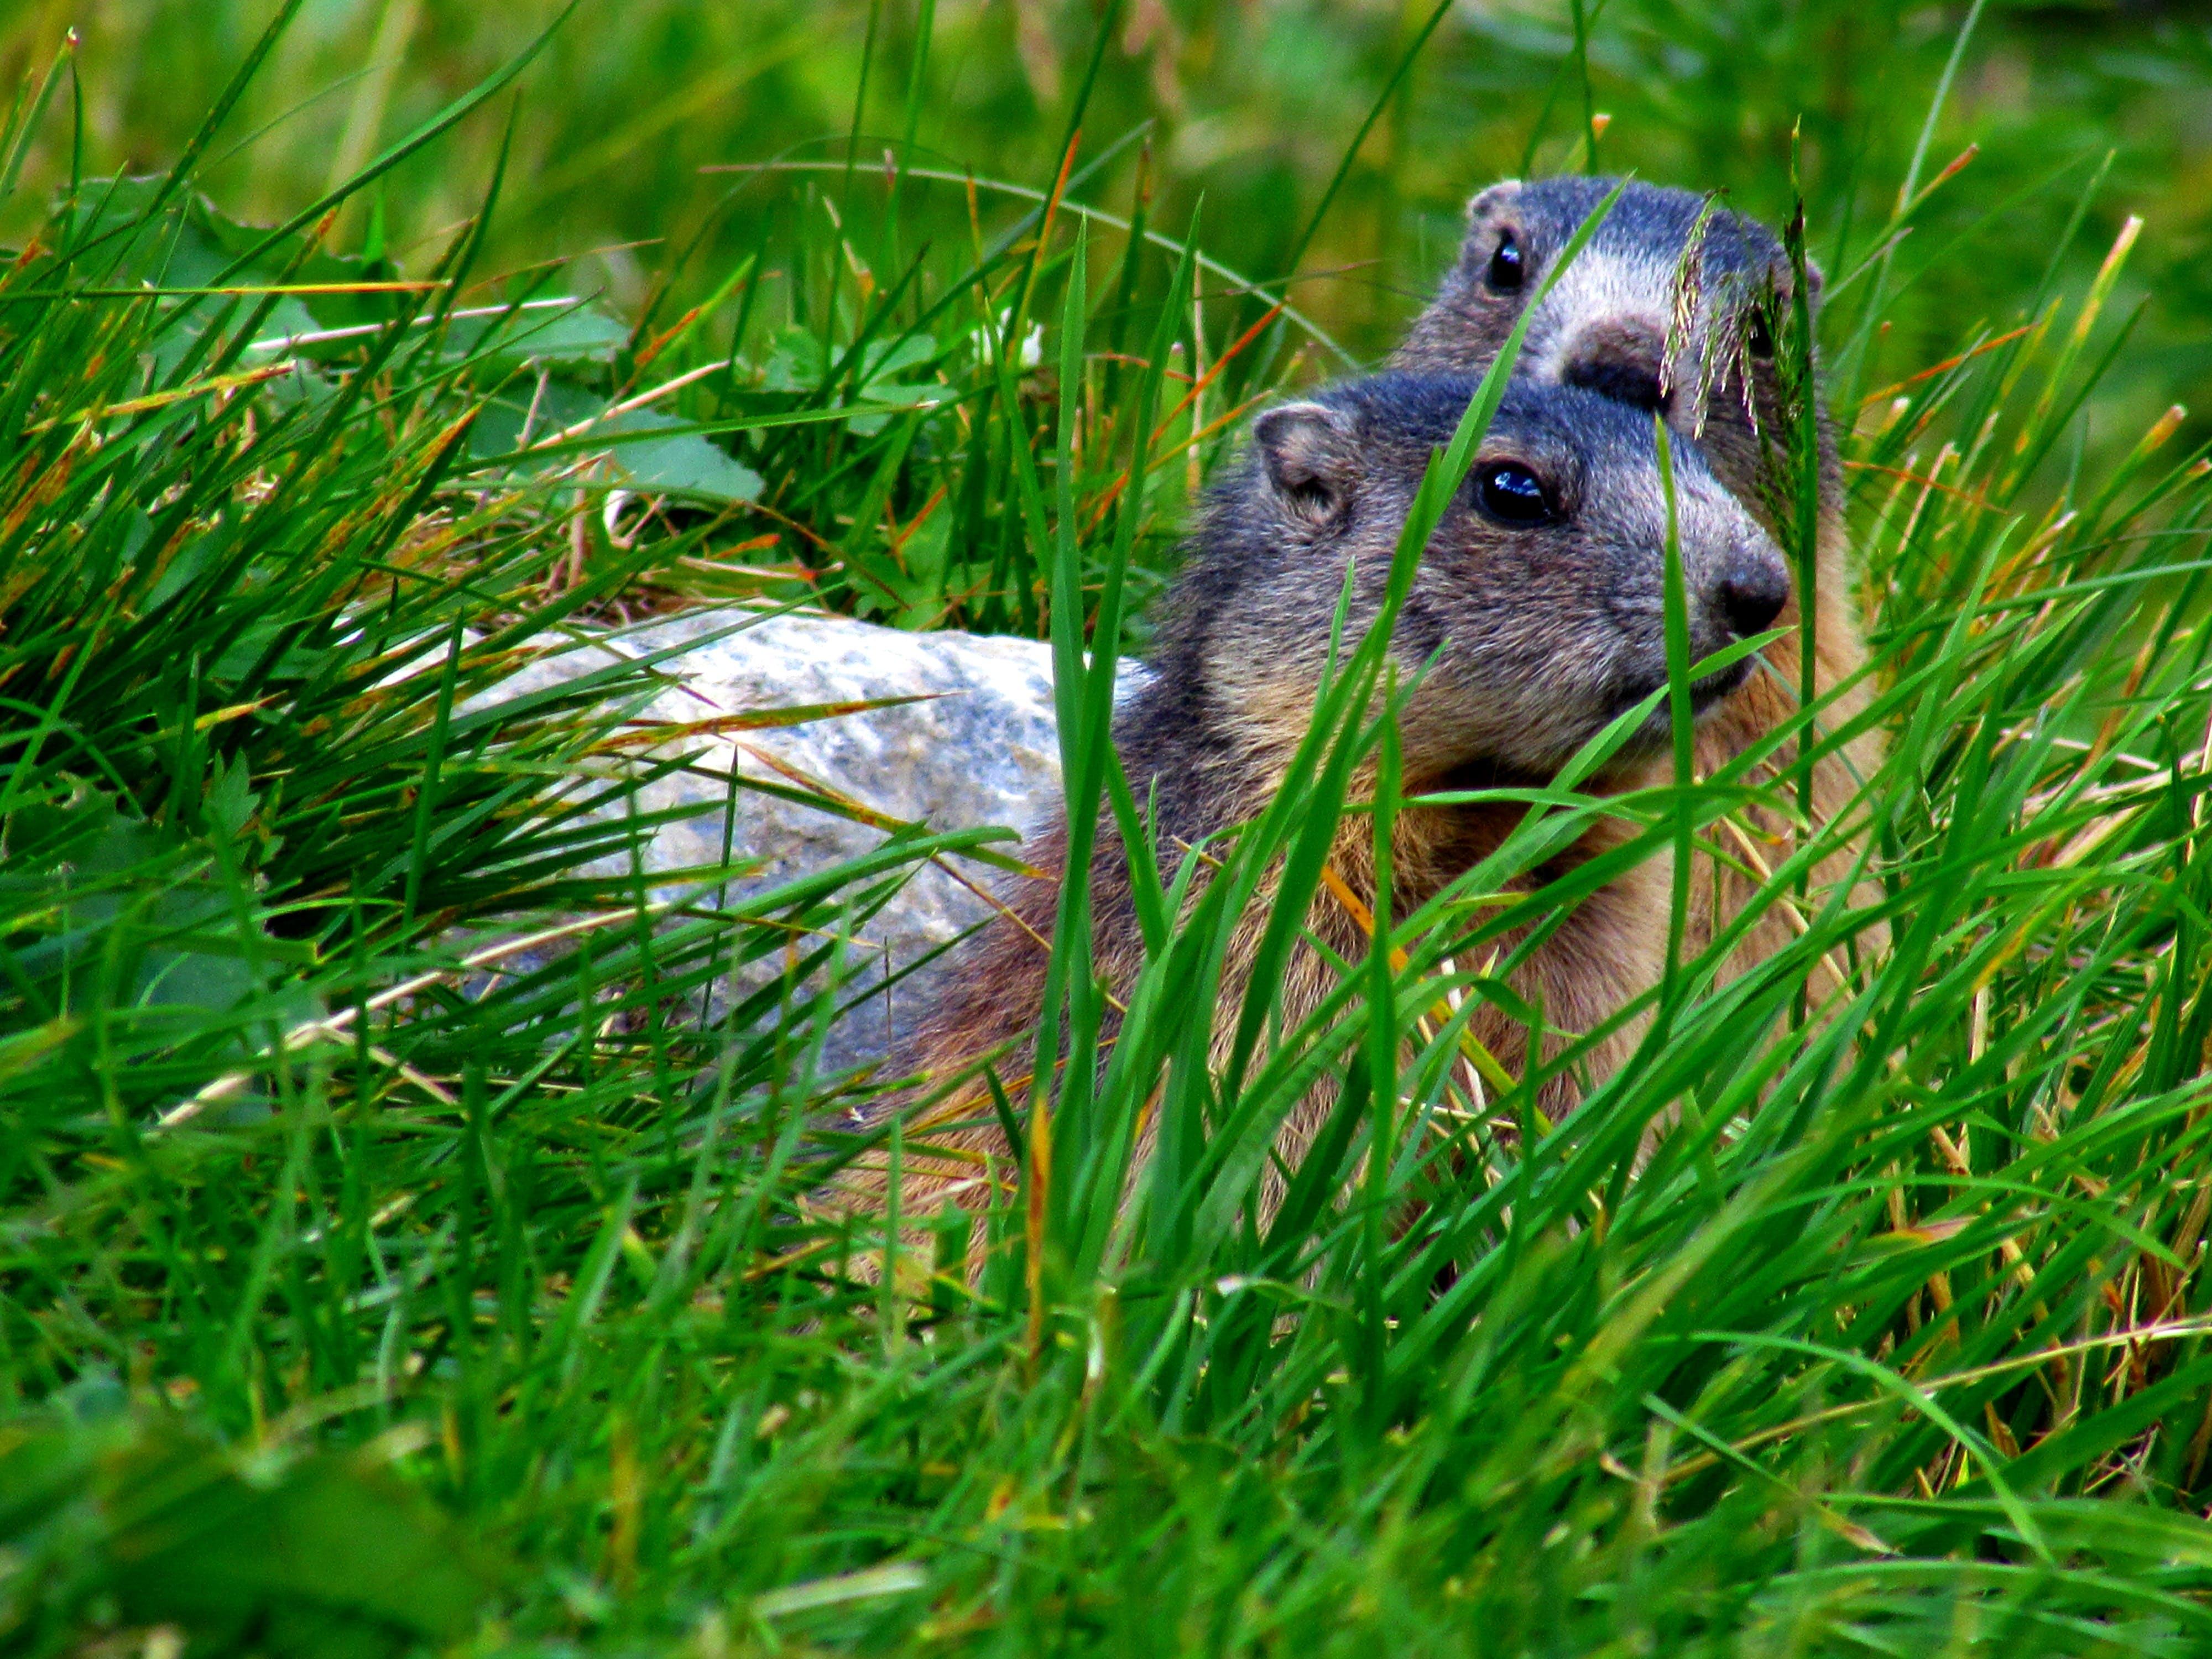 animal, close-up, environment